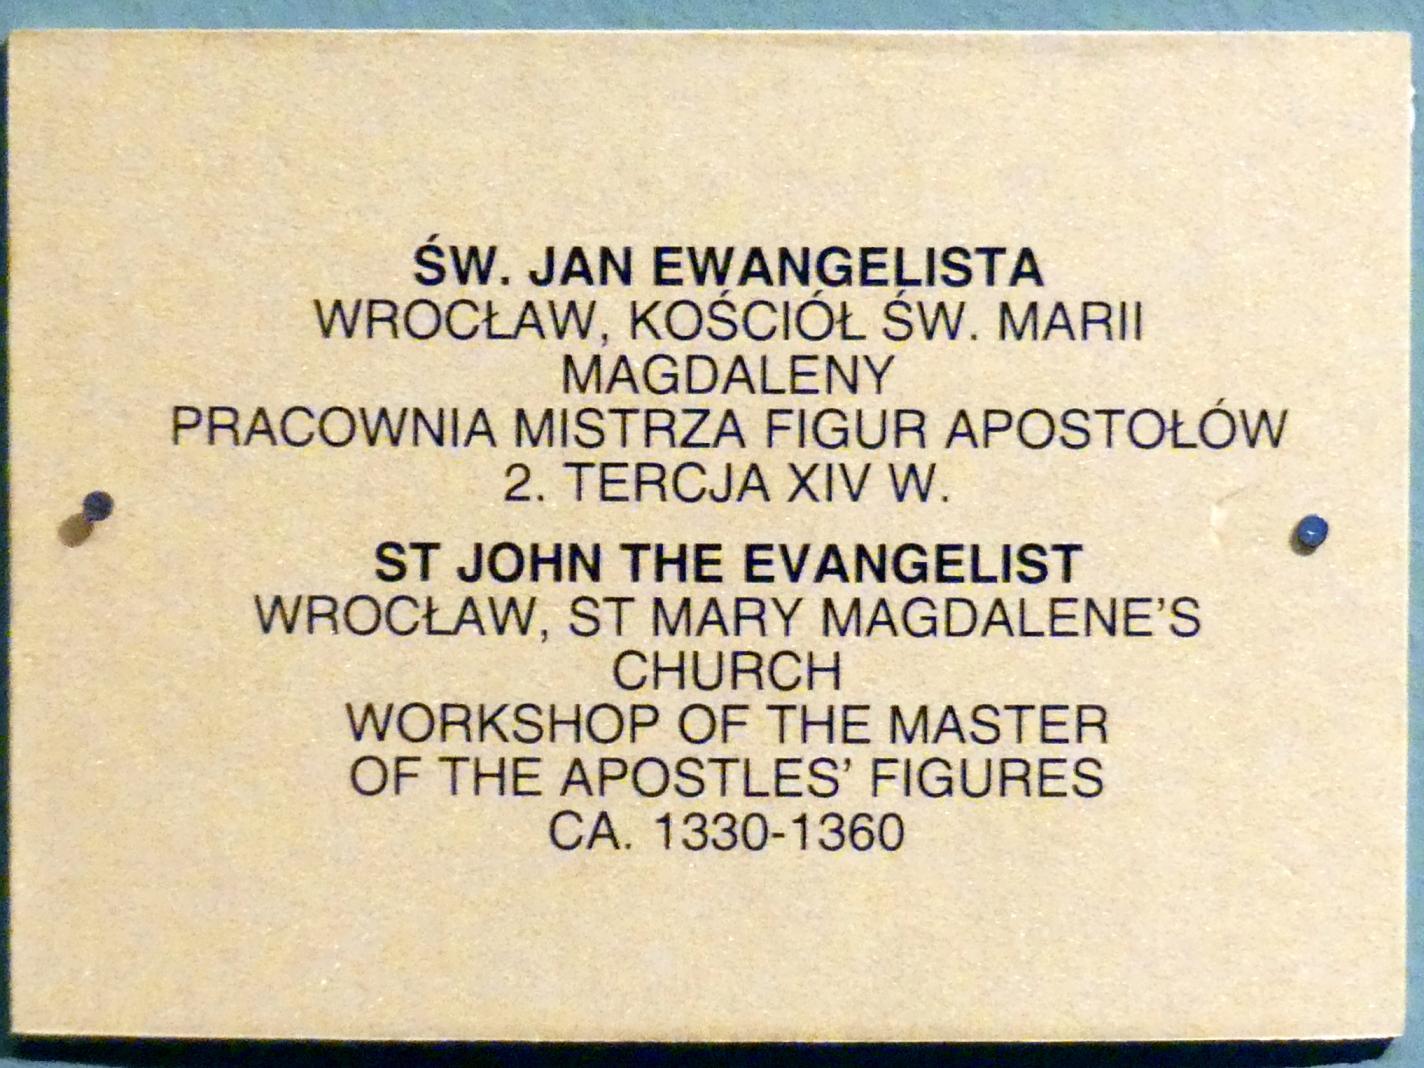 Meister der Apostelfiguren (Breslau) (Werkstatt): Evangelist Johannes, 2. Drittel 14. Jhd., Bild 3/3